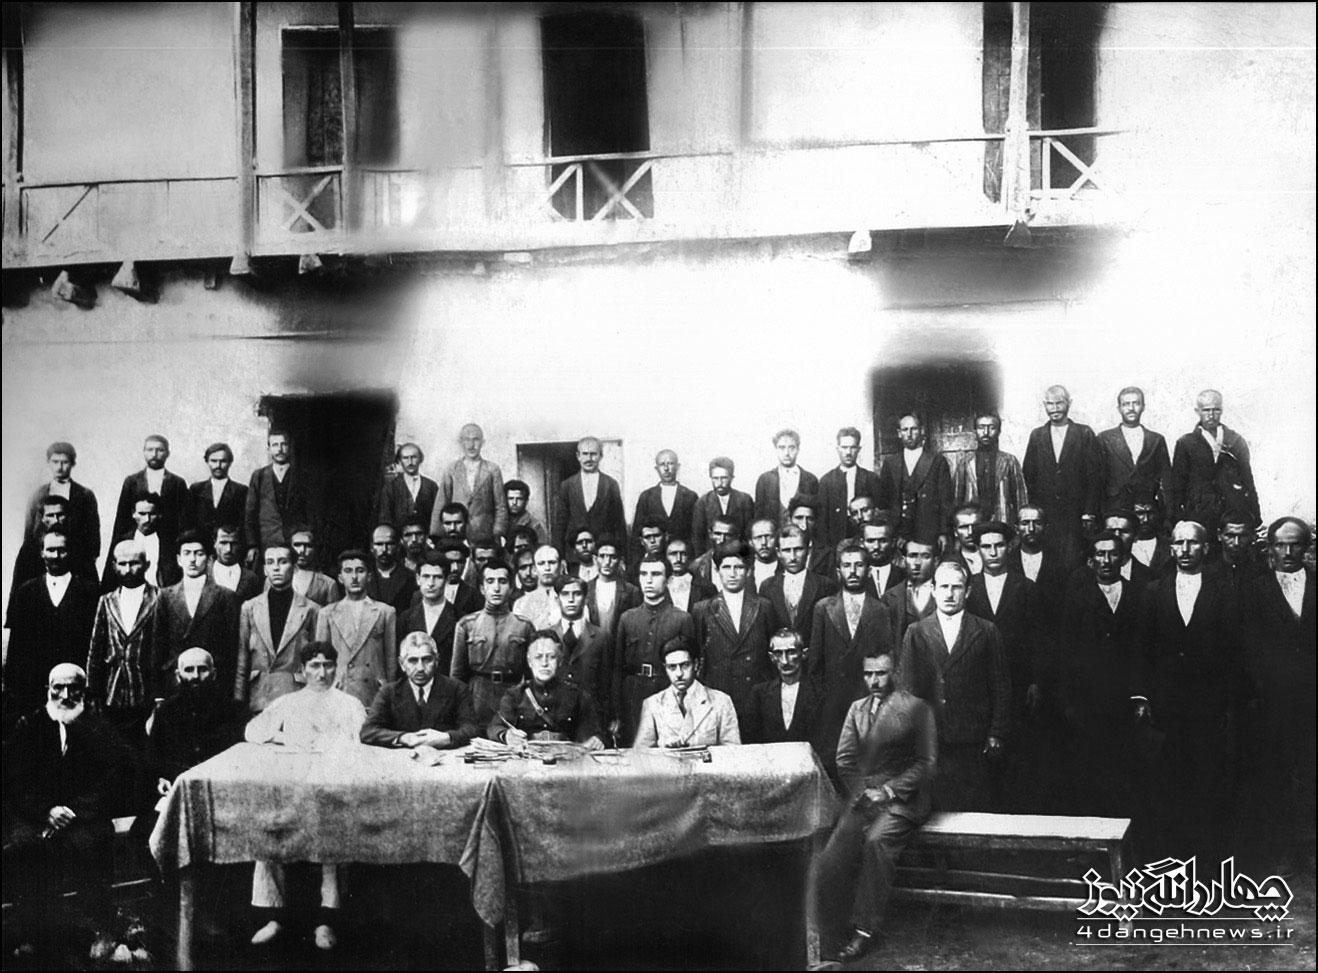 باز نشر عکس تاریخی بزرگان چهاردانگه با توضیحات جدید